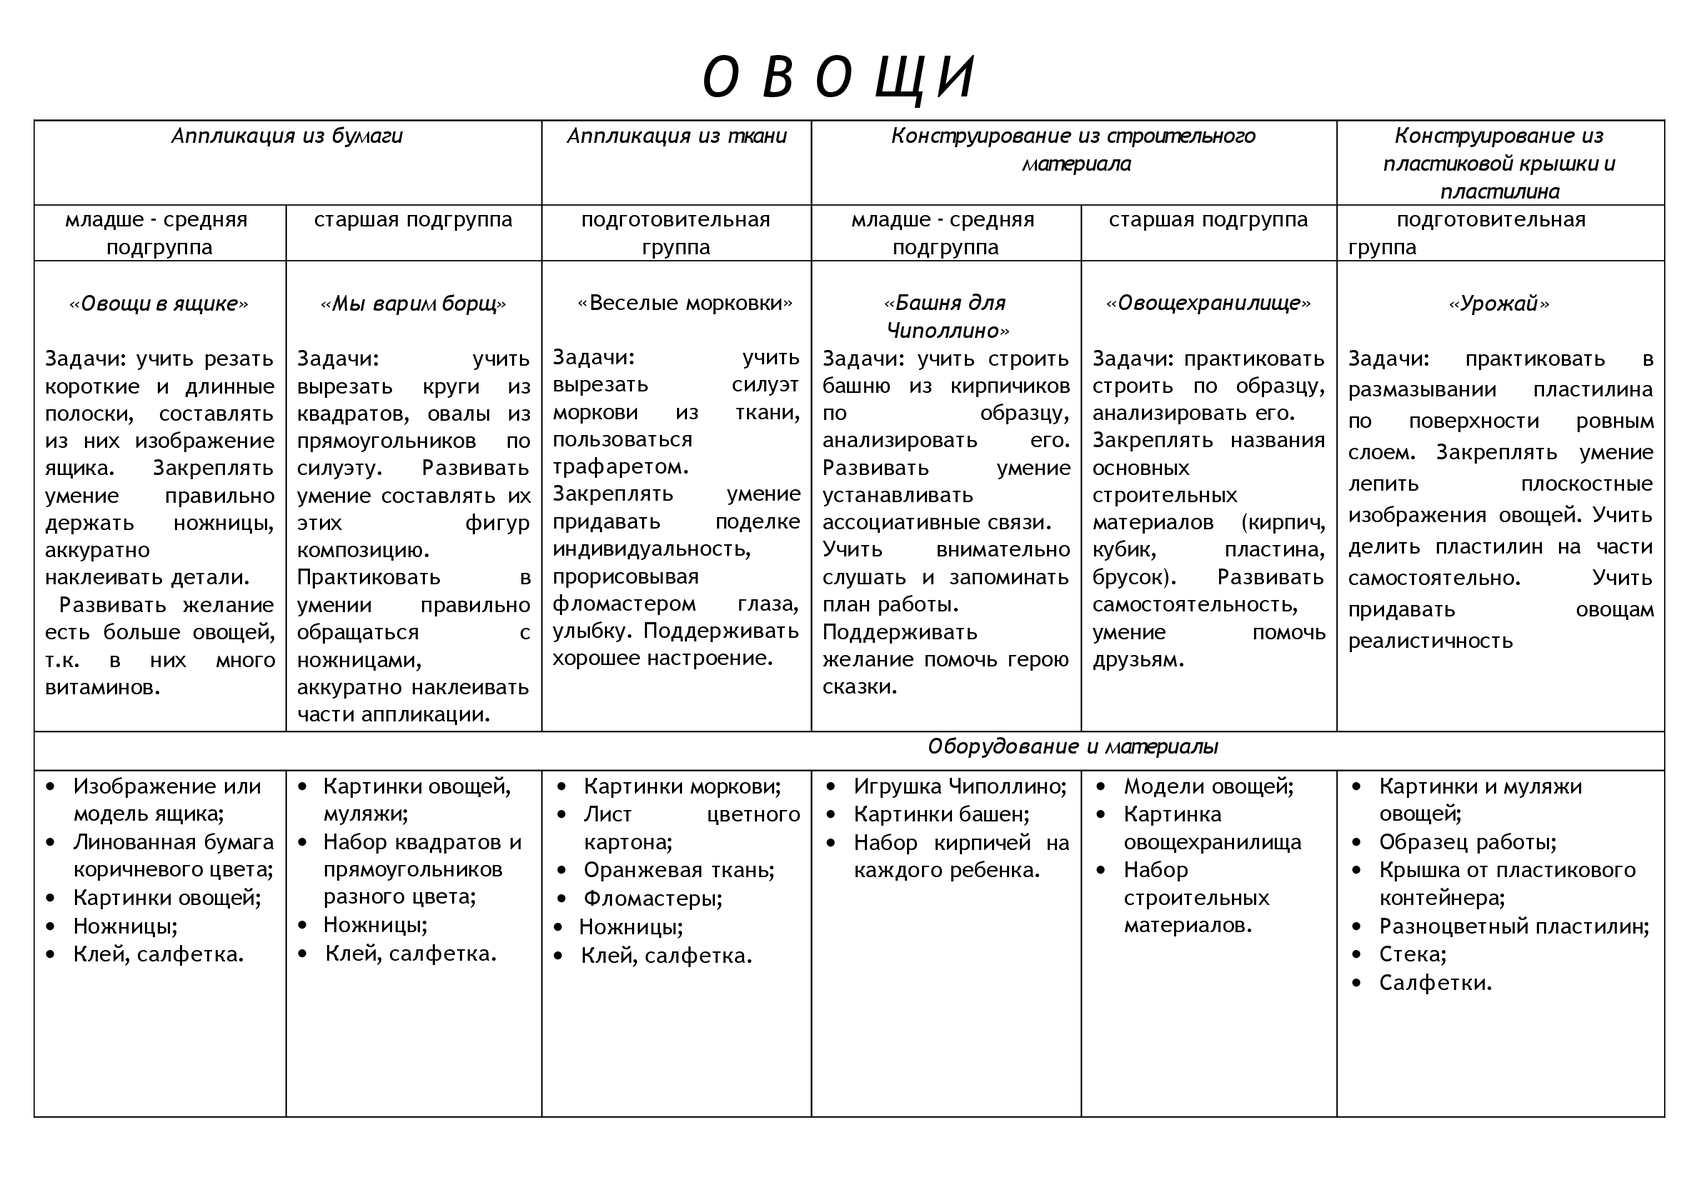 аппликация.руч.труд. констр.годовое планирование